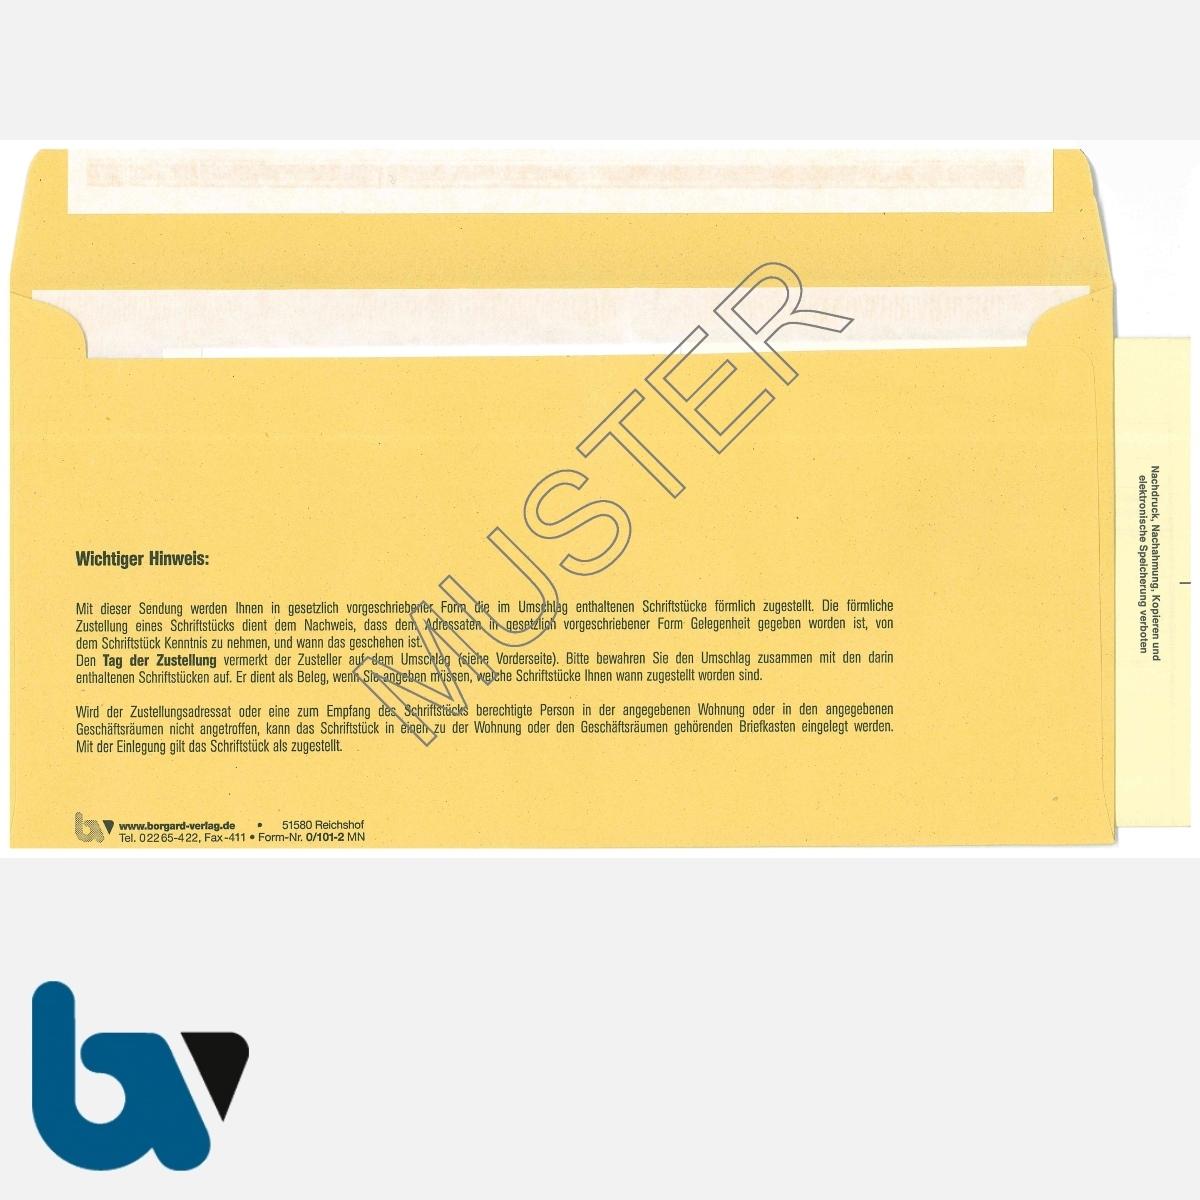 0/101-2 Durchschreibesatz - Förmliche Zustellung, Innerer Umschlag, DIN lang, mit eingelegter Postzustellungsurkunde, Rückseite | Borgard Verlag GmbH